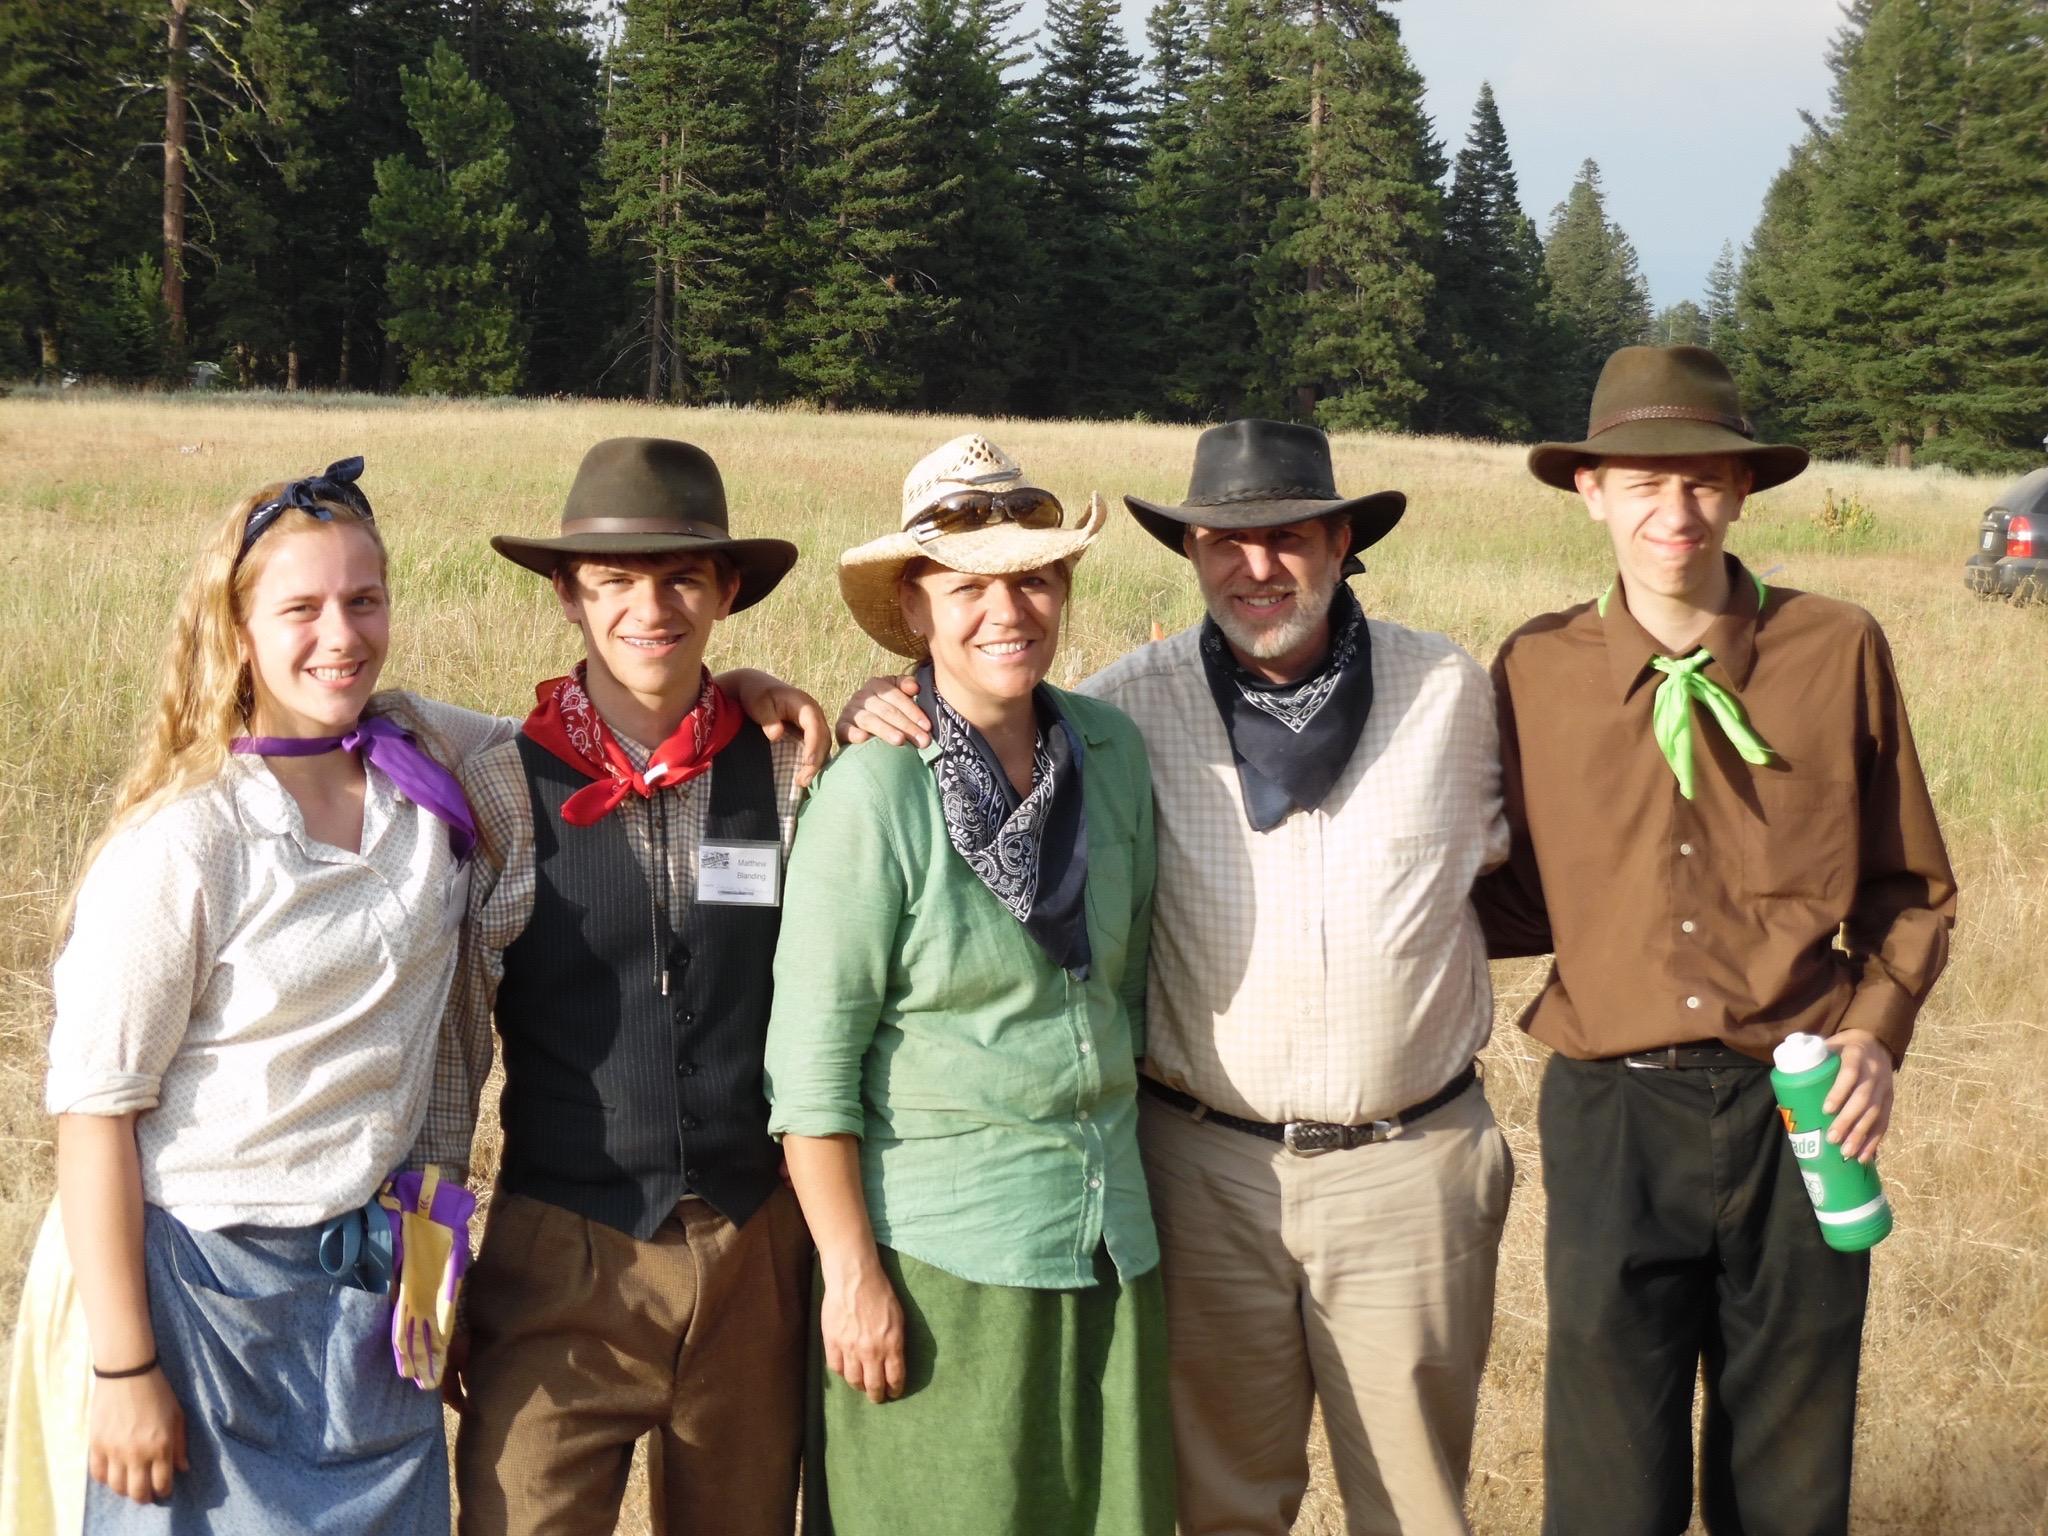 Jessie, Matt, Doreen, Steve & Chris